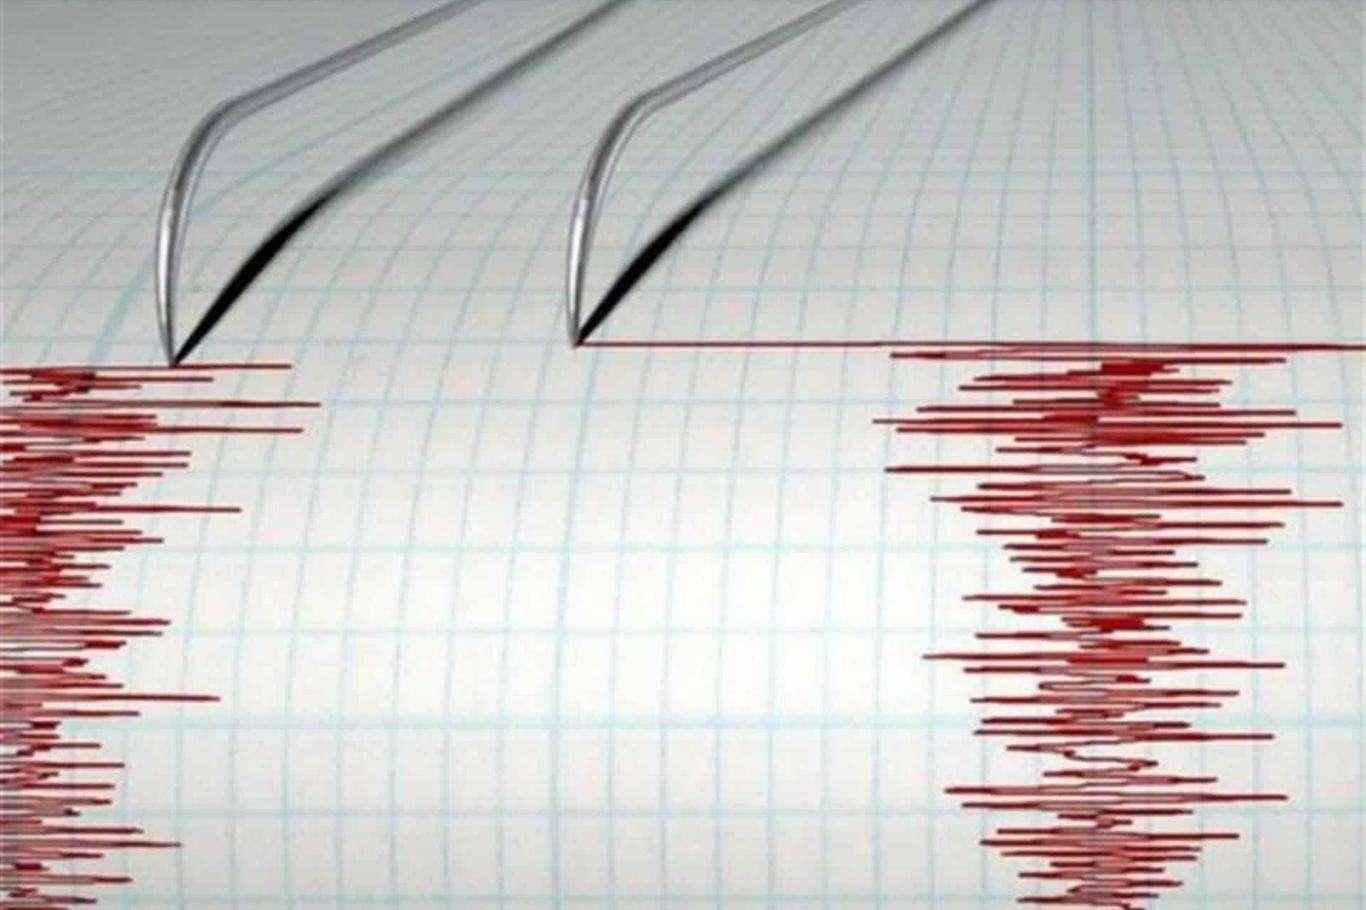 Önce Denizli, Şimdi Arjantin'de Şiddetli Deprem